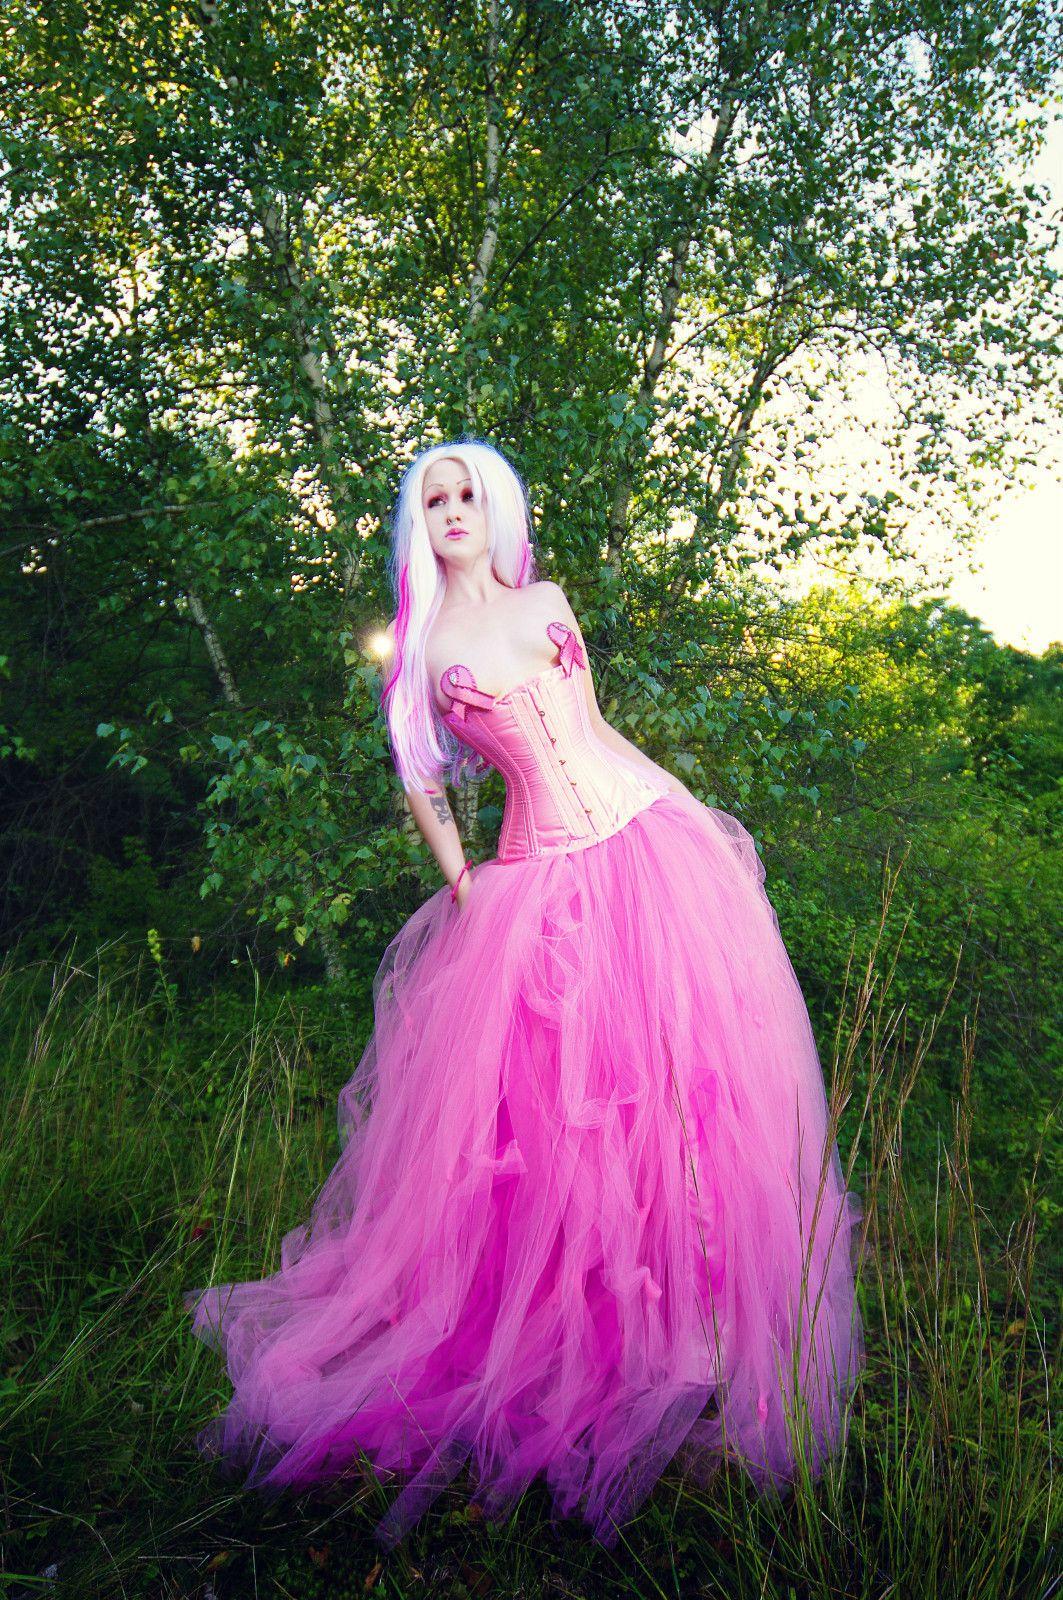 Pastel Baby Hot Pink Princess Prom Wedding TuTu Skirt Formal